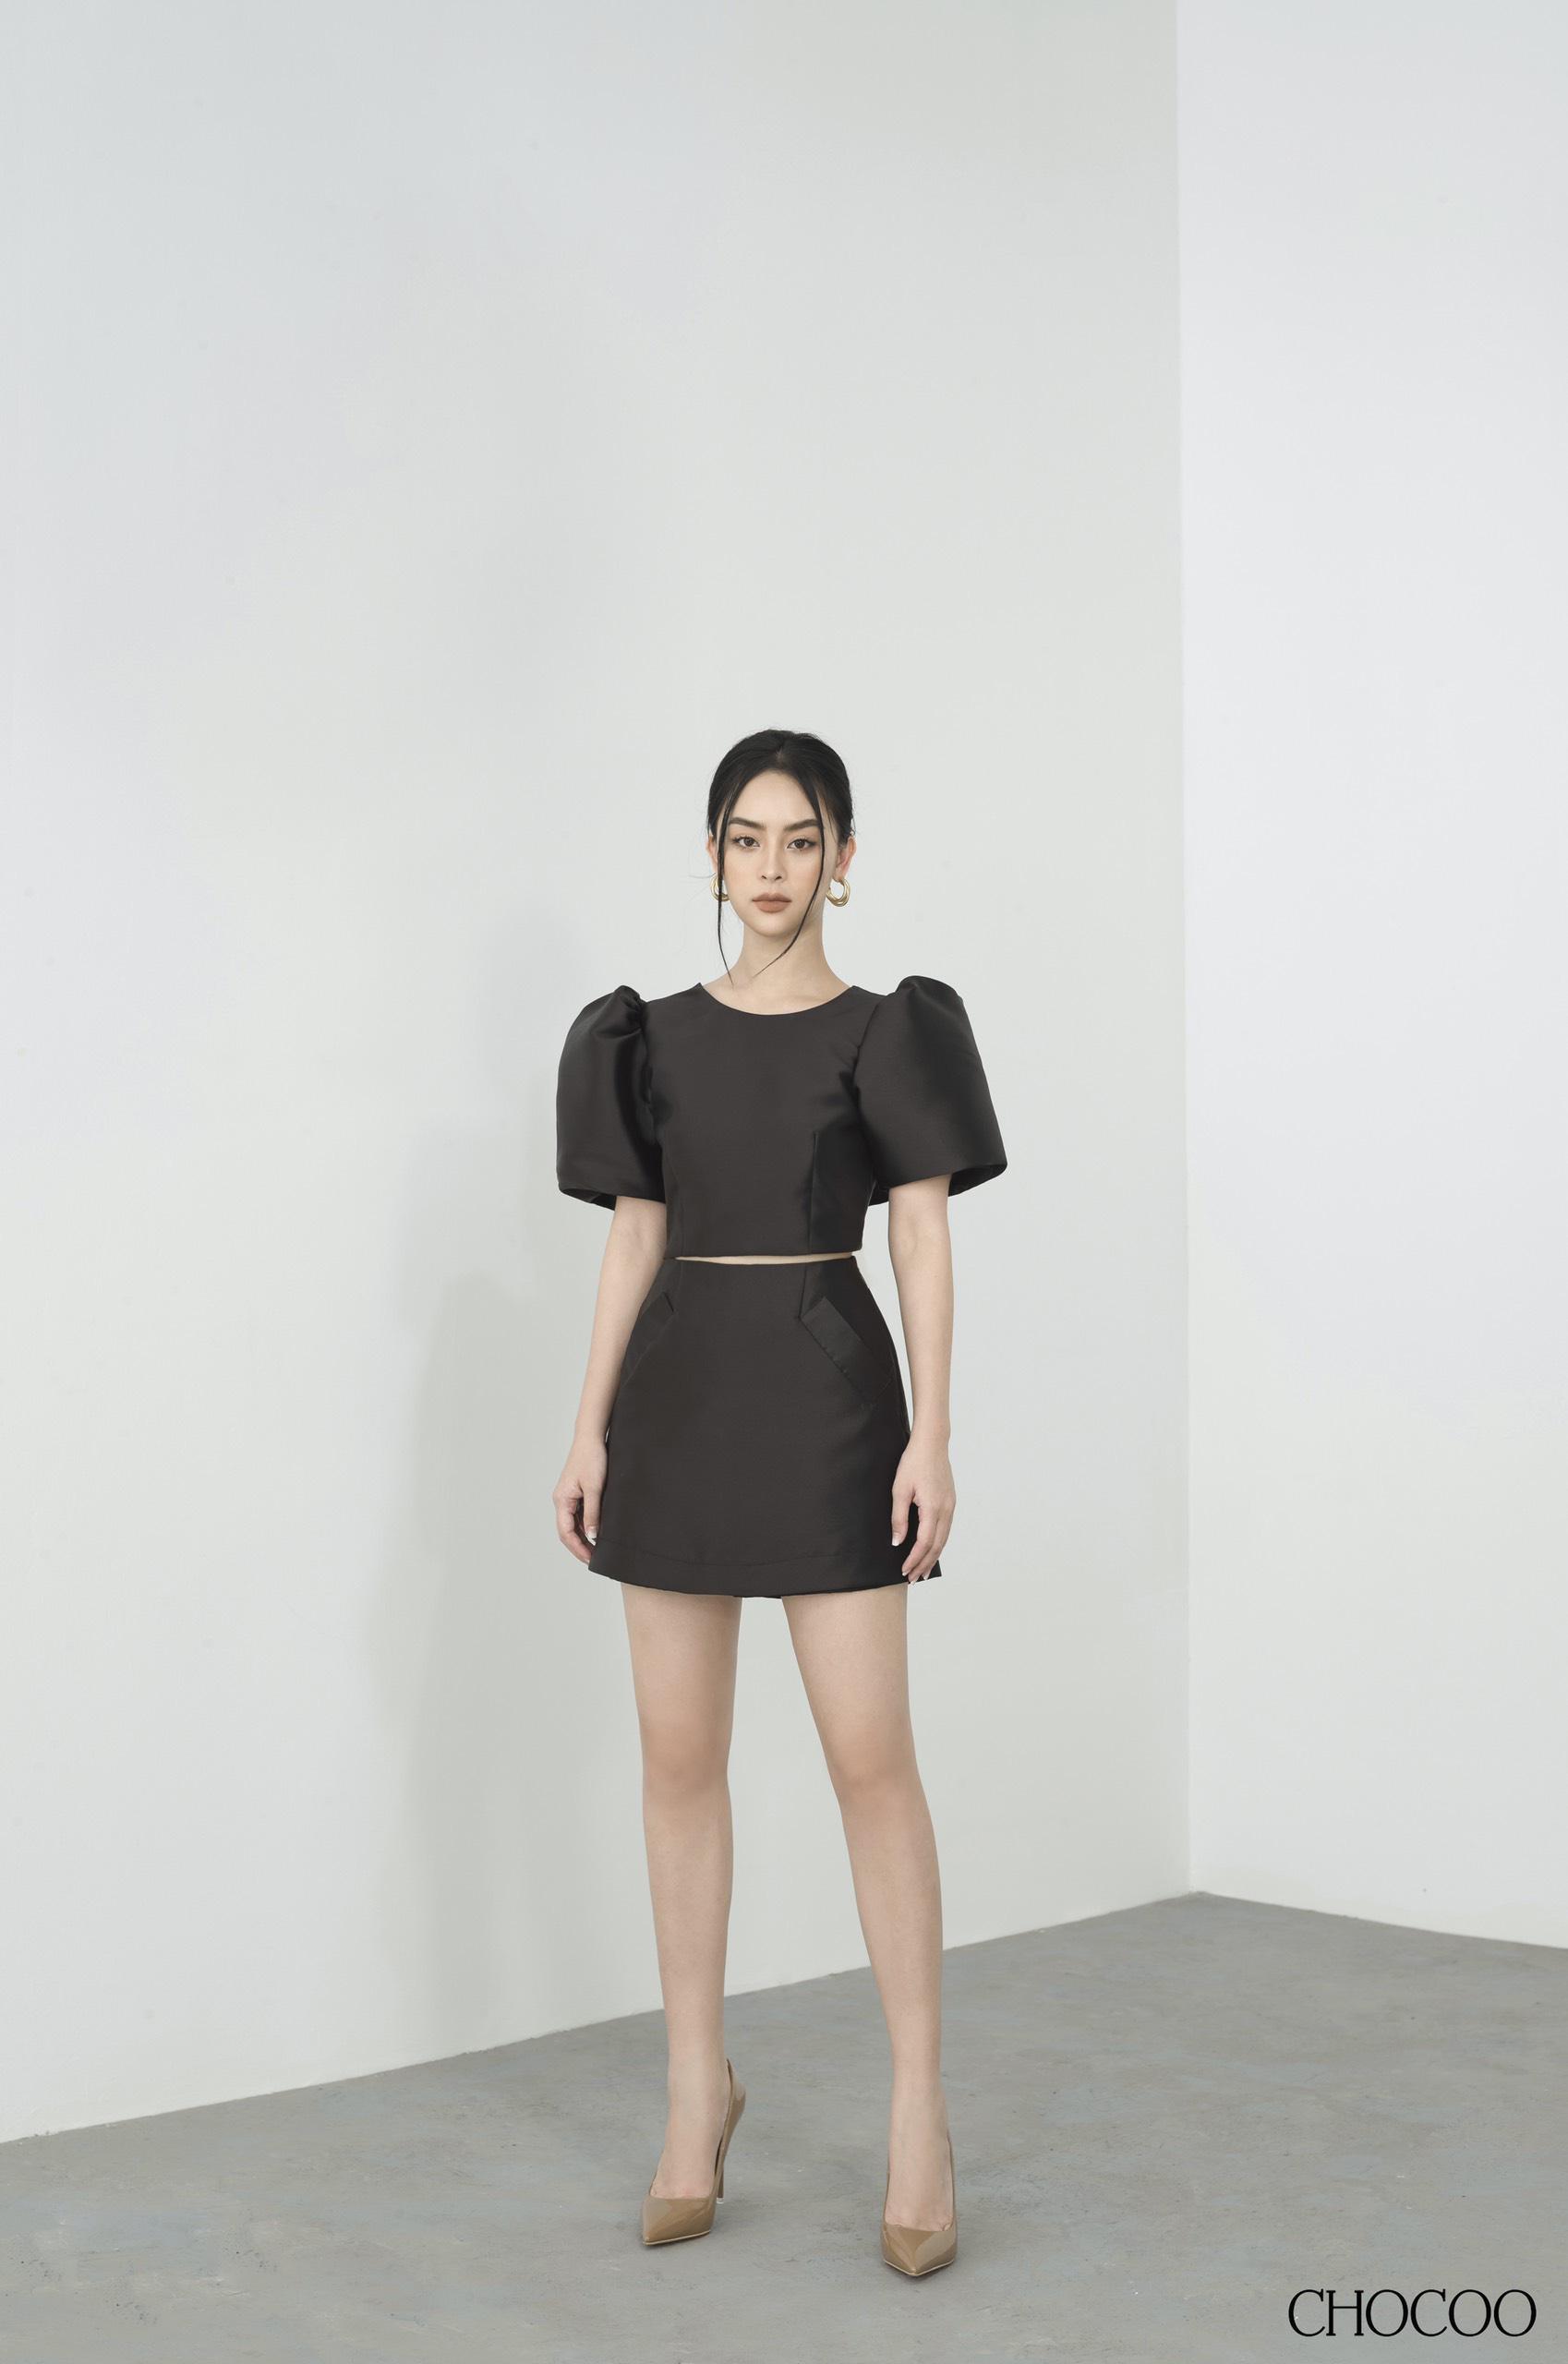 Brand thời trang nữ mang đậm chất riêng CHOCOO: Phong cách mới lạ, kiểu dáng độc đáo, hội chị em chắc chắn sẽ phát mê - Ảnh 3.